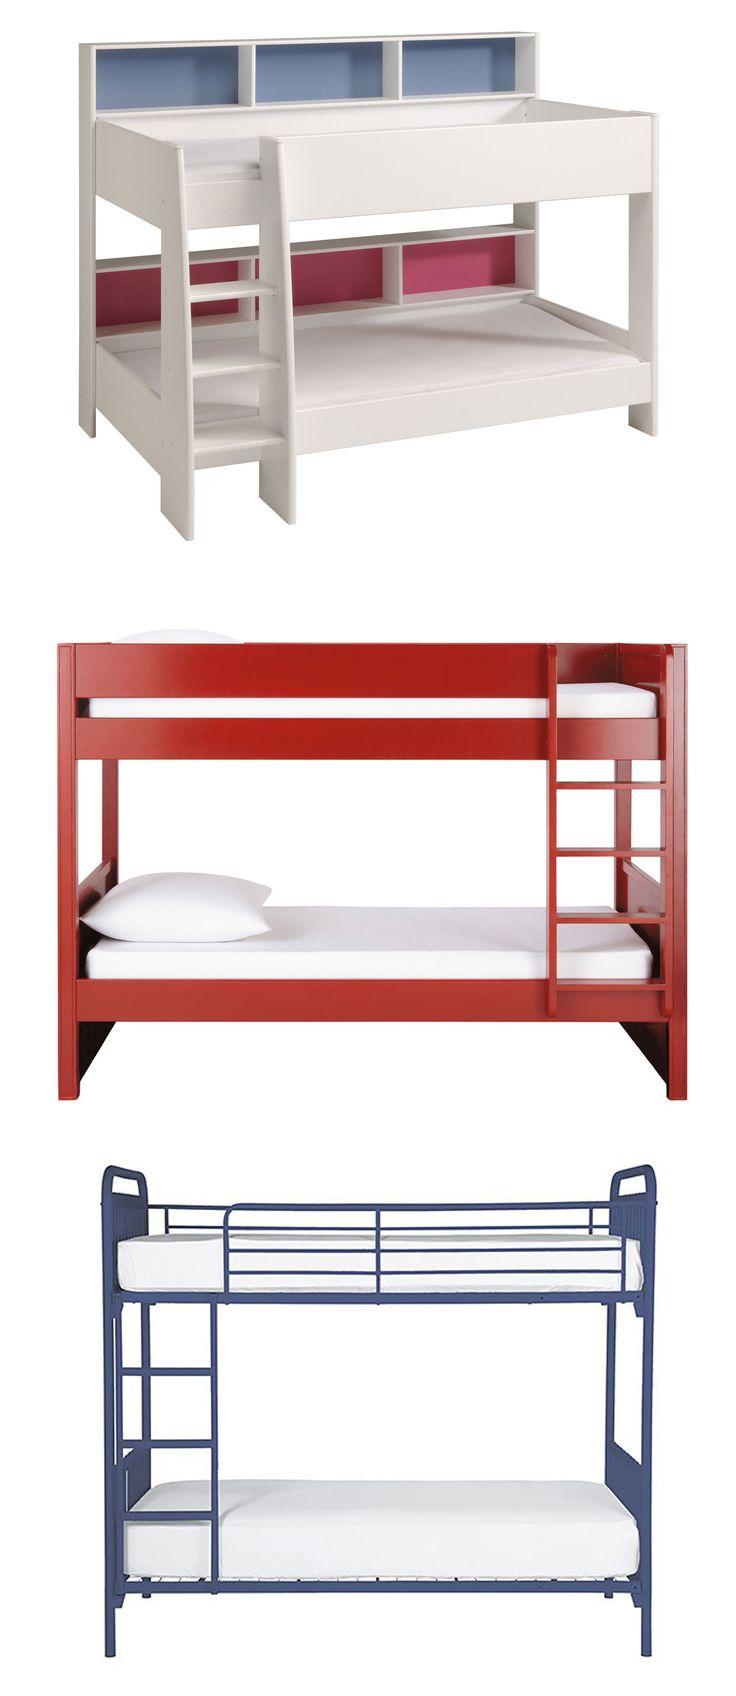 best bunk beds with maisons du monde uk. Black Bedroom Furniture Sets. Home Design Ideas